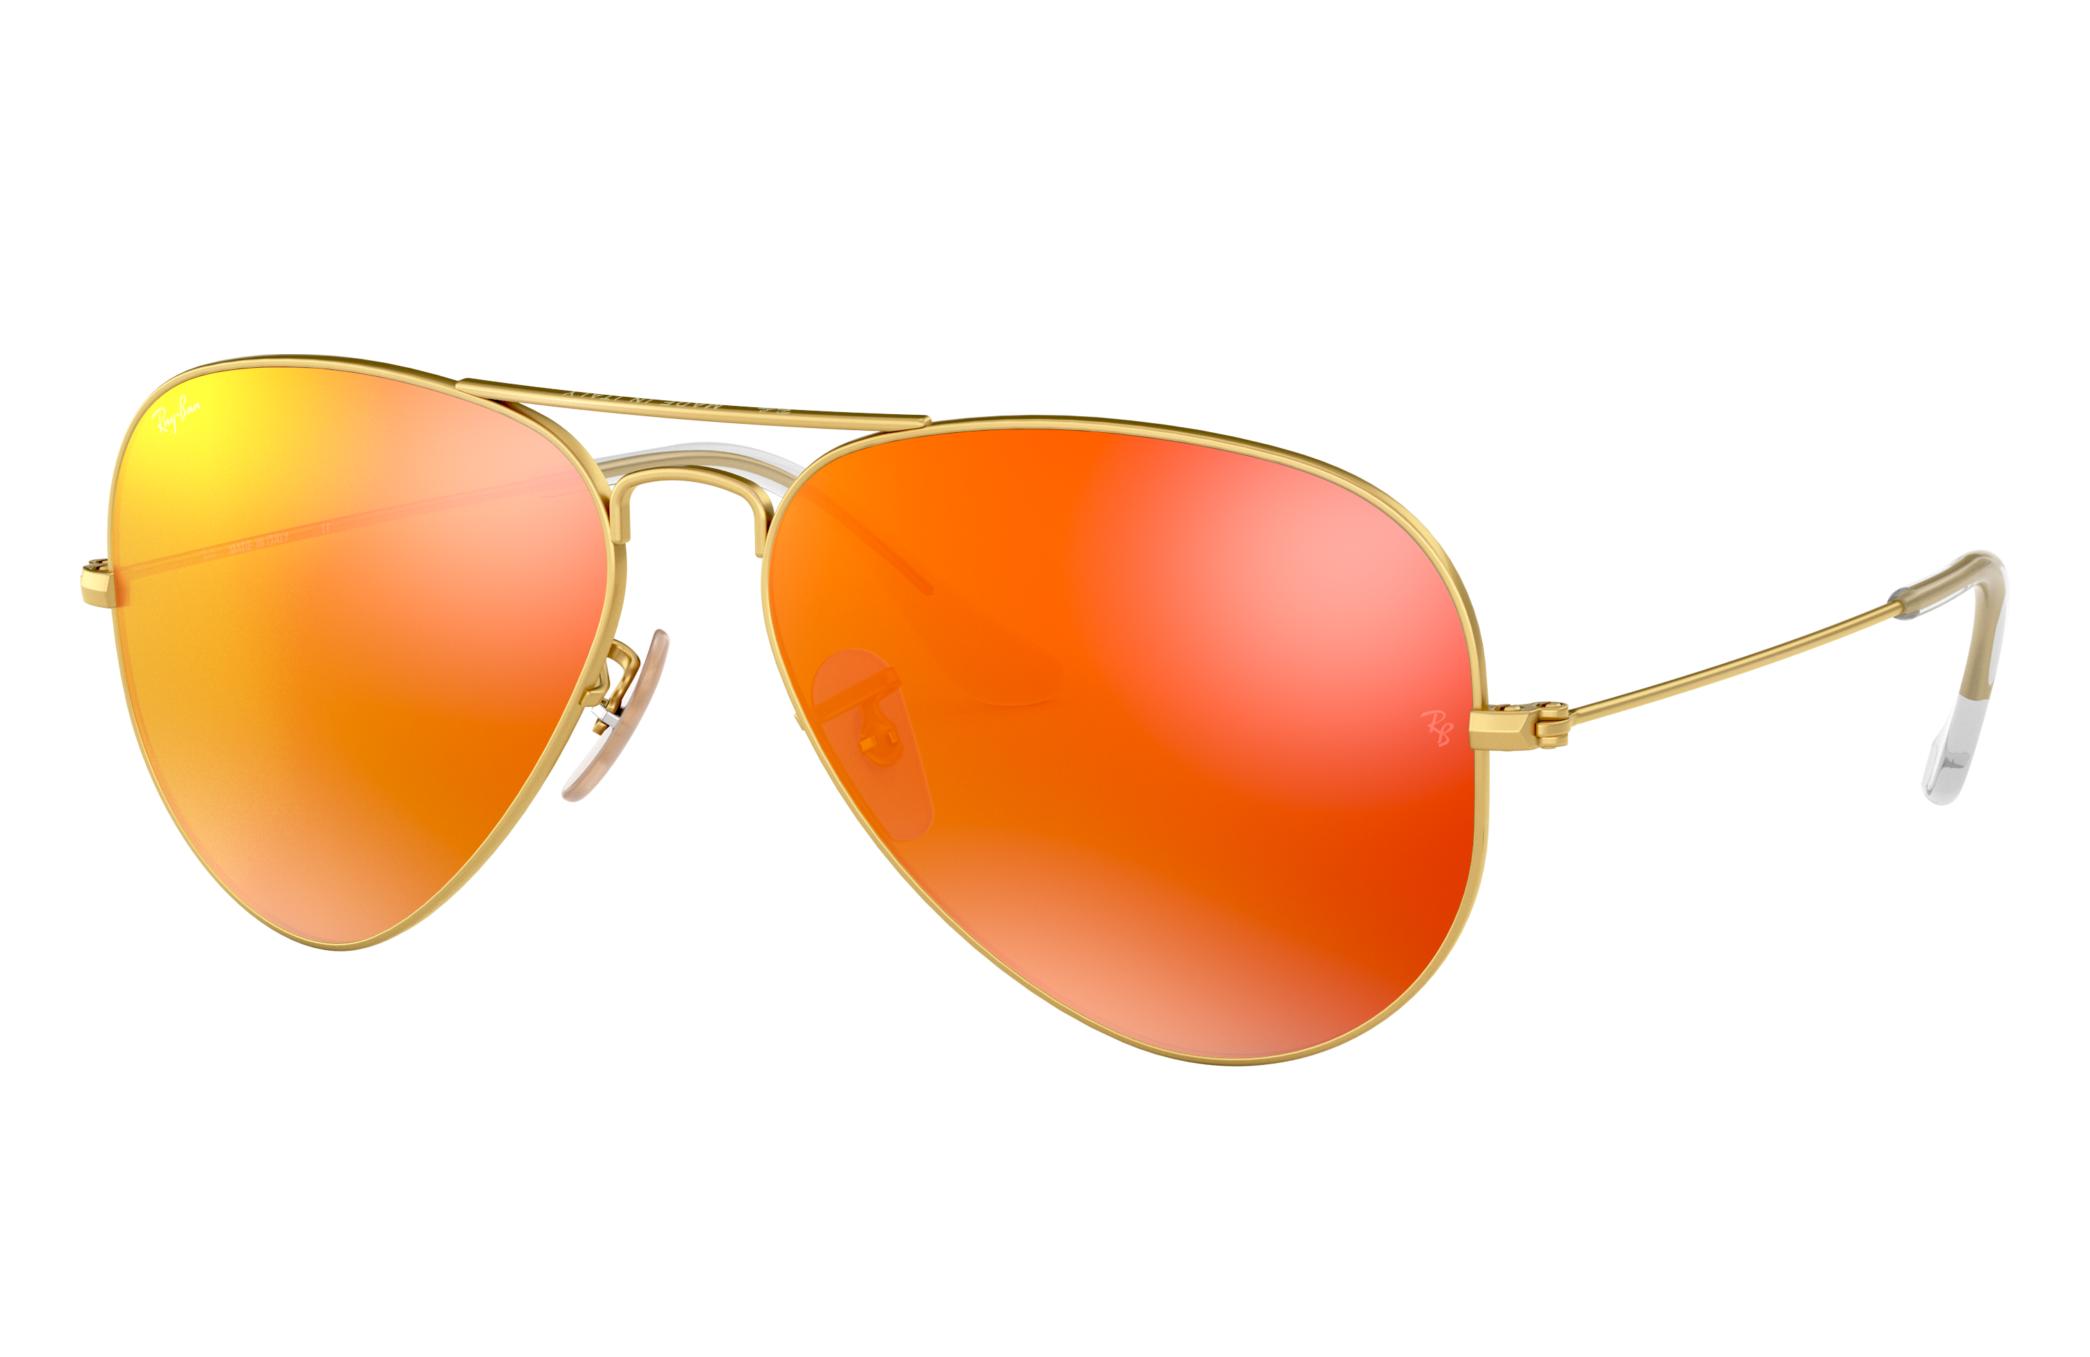 Ray-Ban Aviator Flash Lenses Gold, Orange Lenses - RB3025